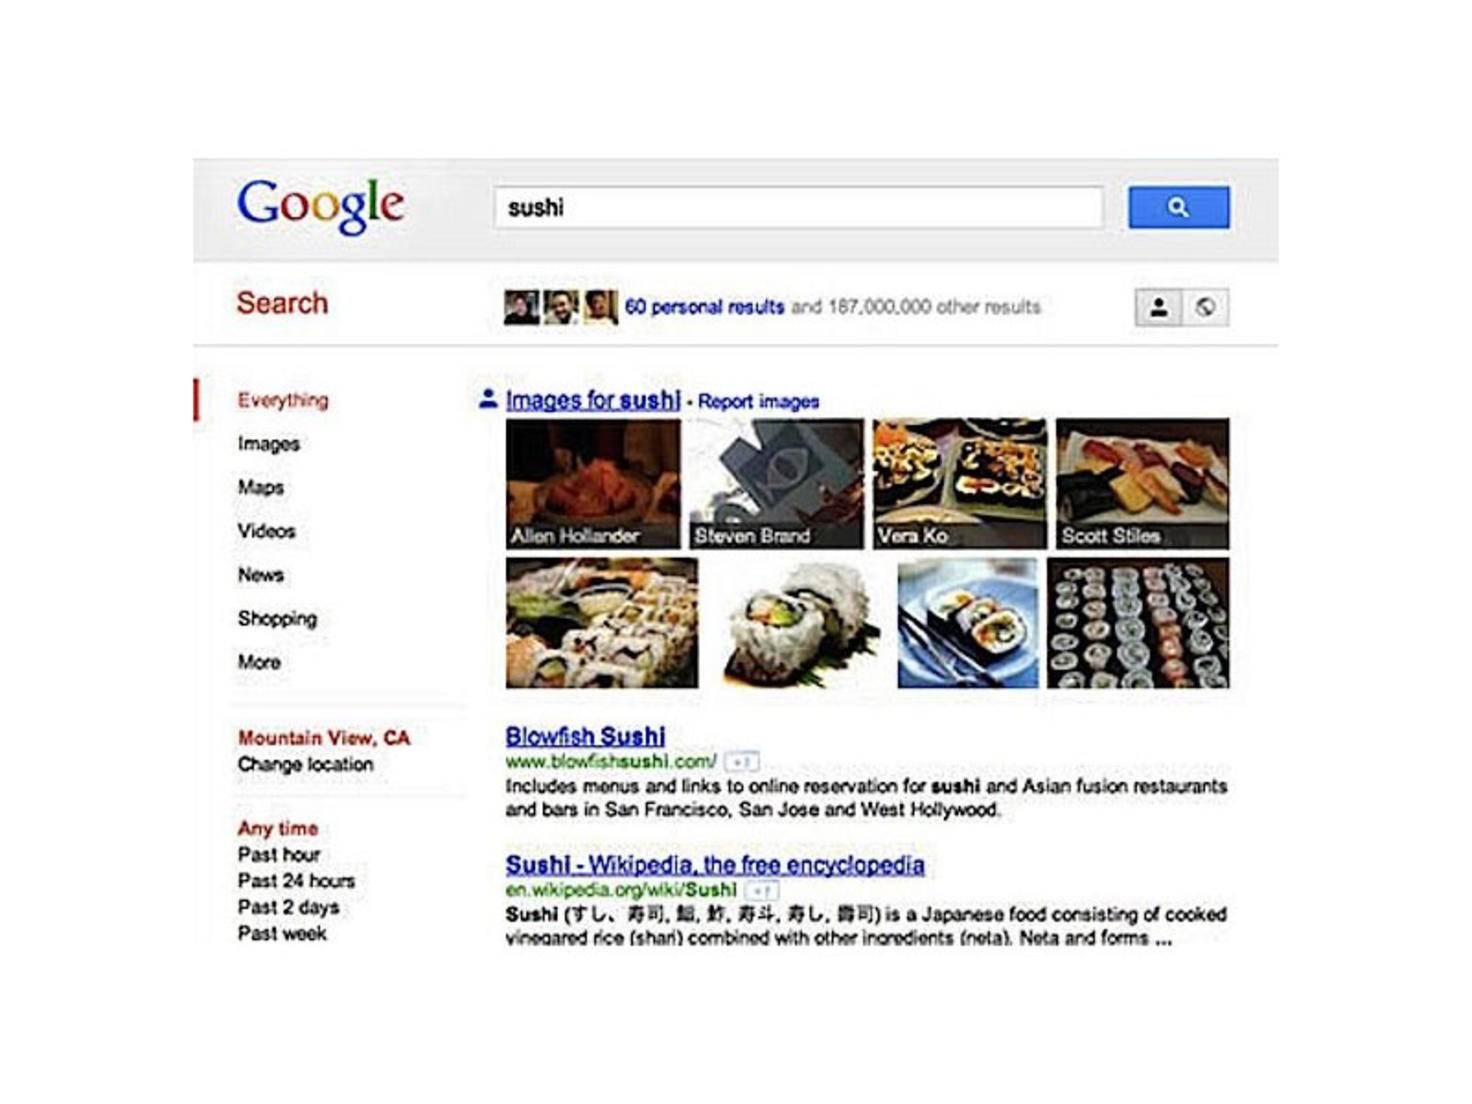 Google 2011 Sushi